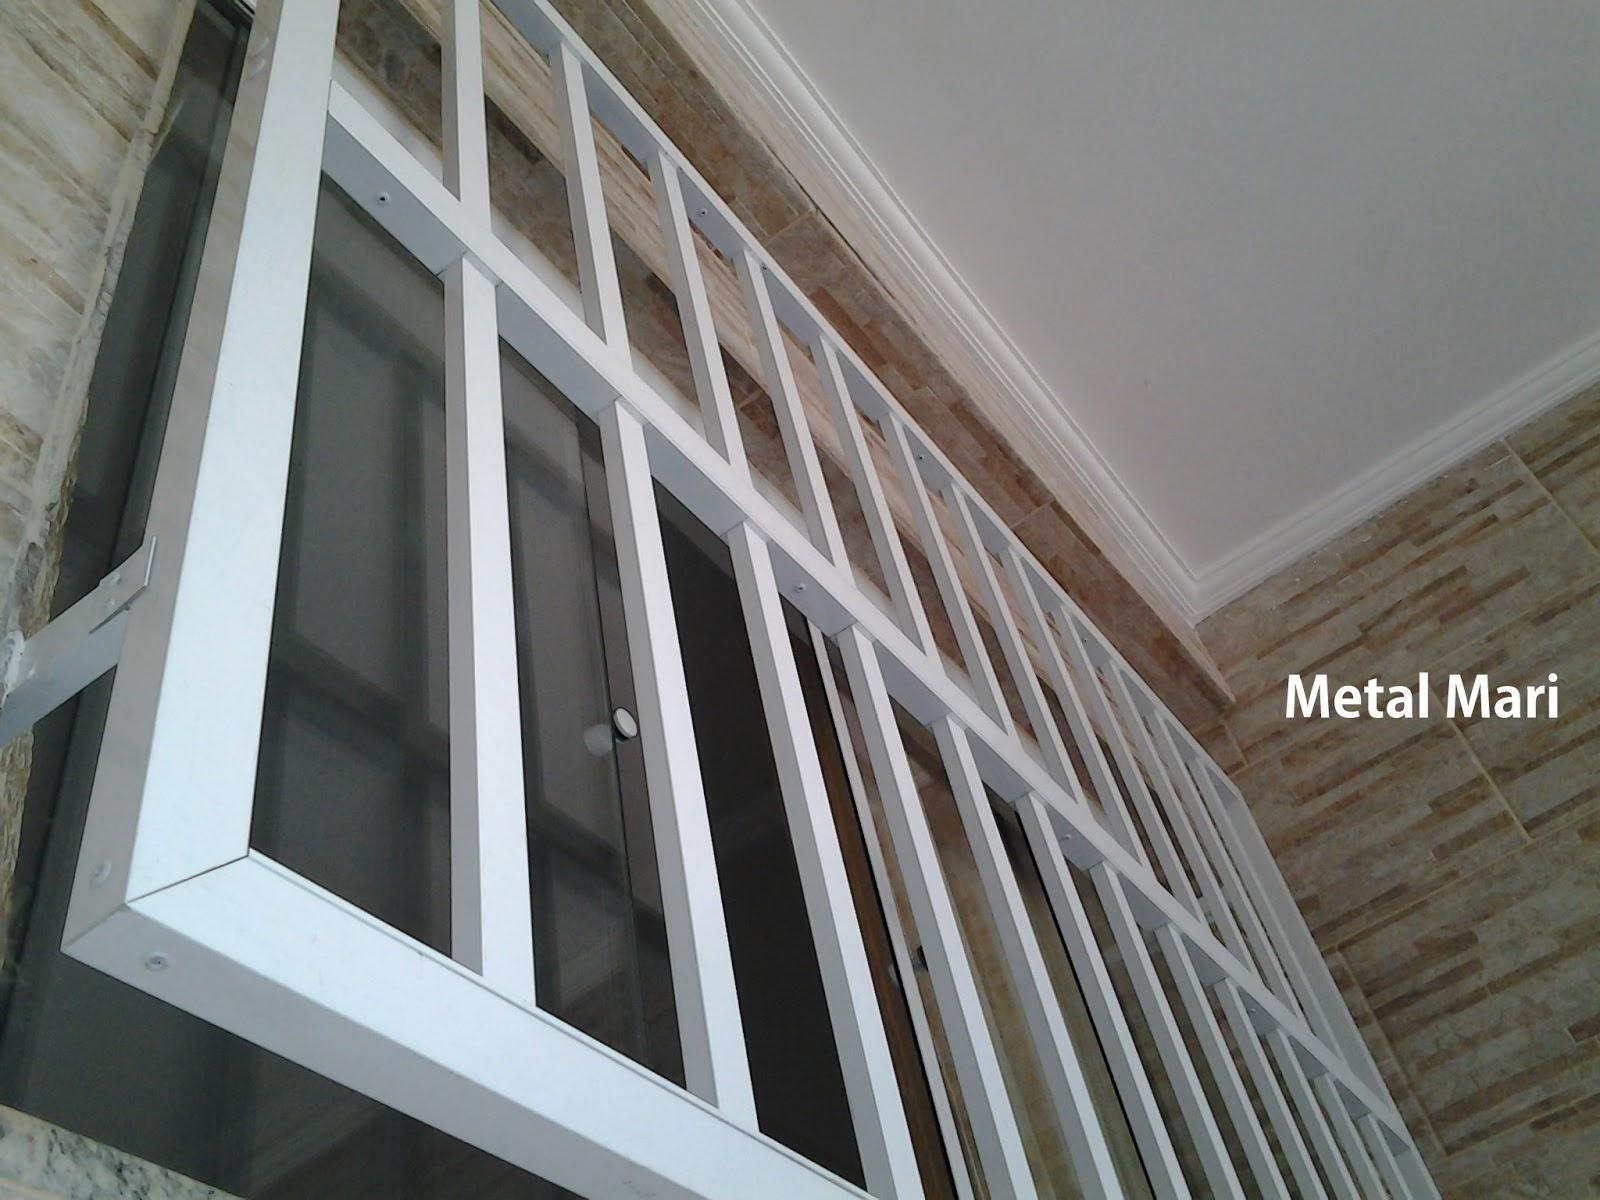 #526979 Metal Mari Esquadrias : Grade de alumínio branco (Metal Mari) 694 Janelas Venezianas De Aluminio Branco Com Grade